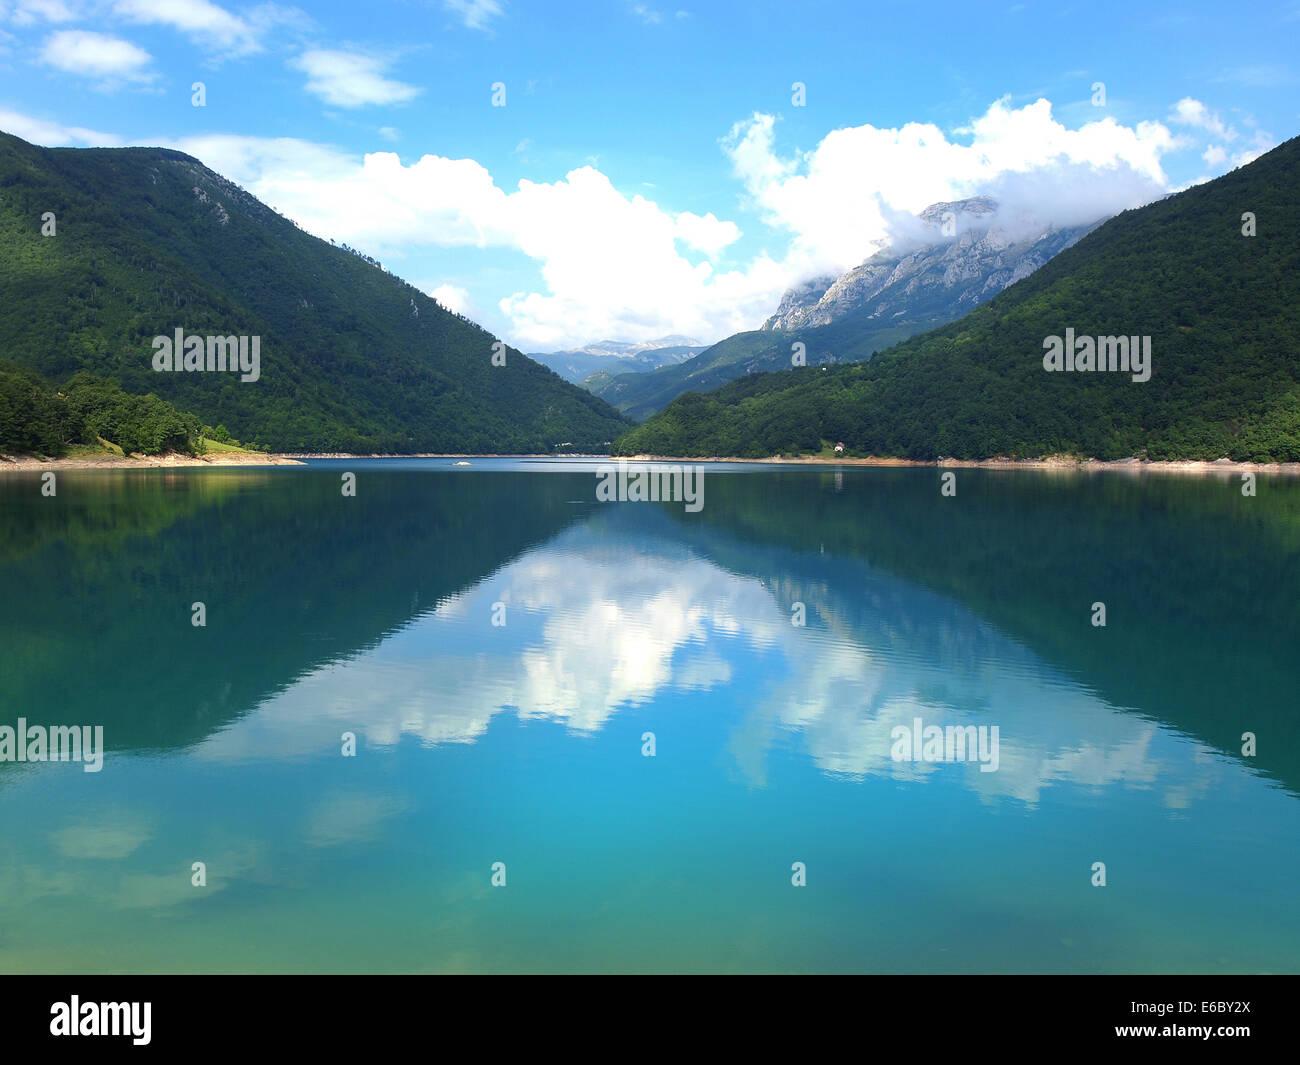 Schöne Aussicht auf hohen blauen Bergsee Stockbild